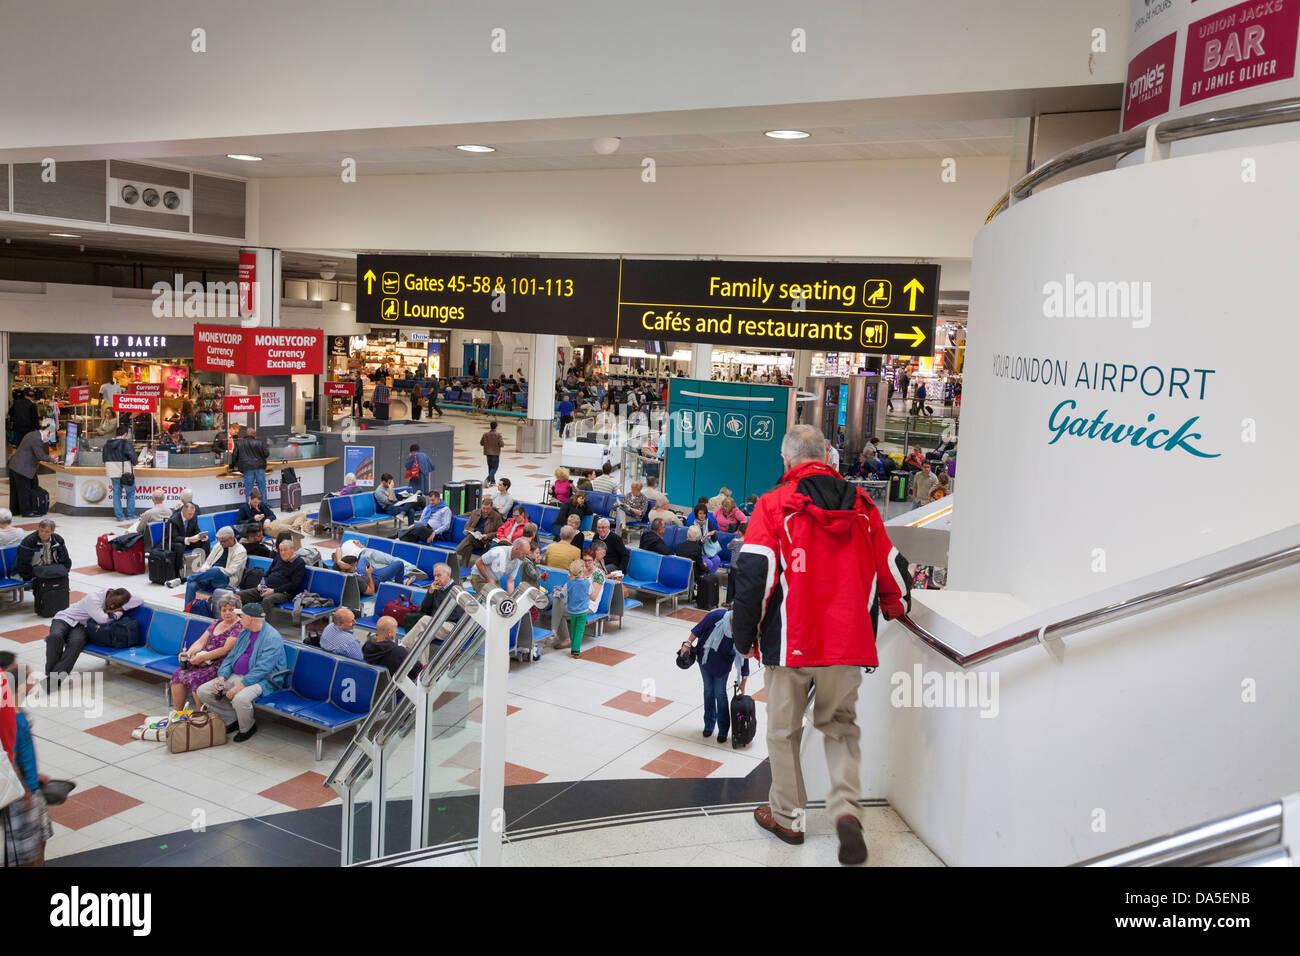 Gatwick airport departure lounge et des panneaux de direction. Photo Stock